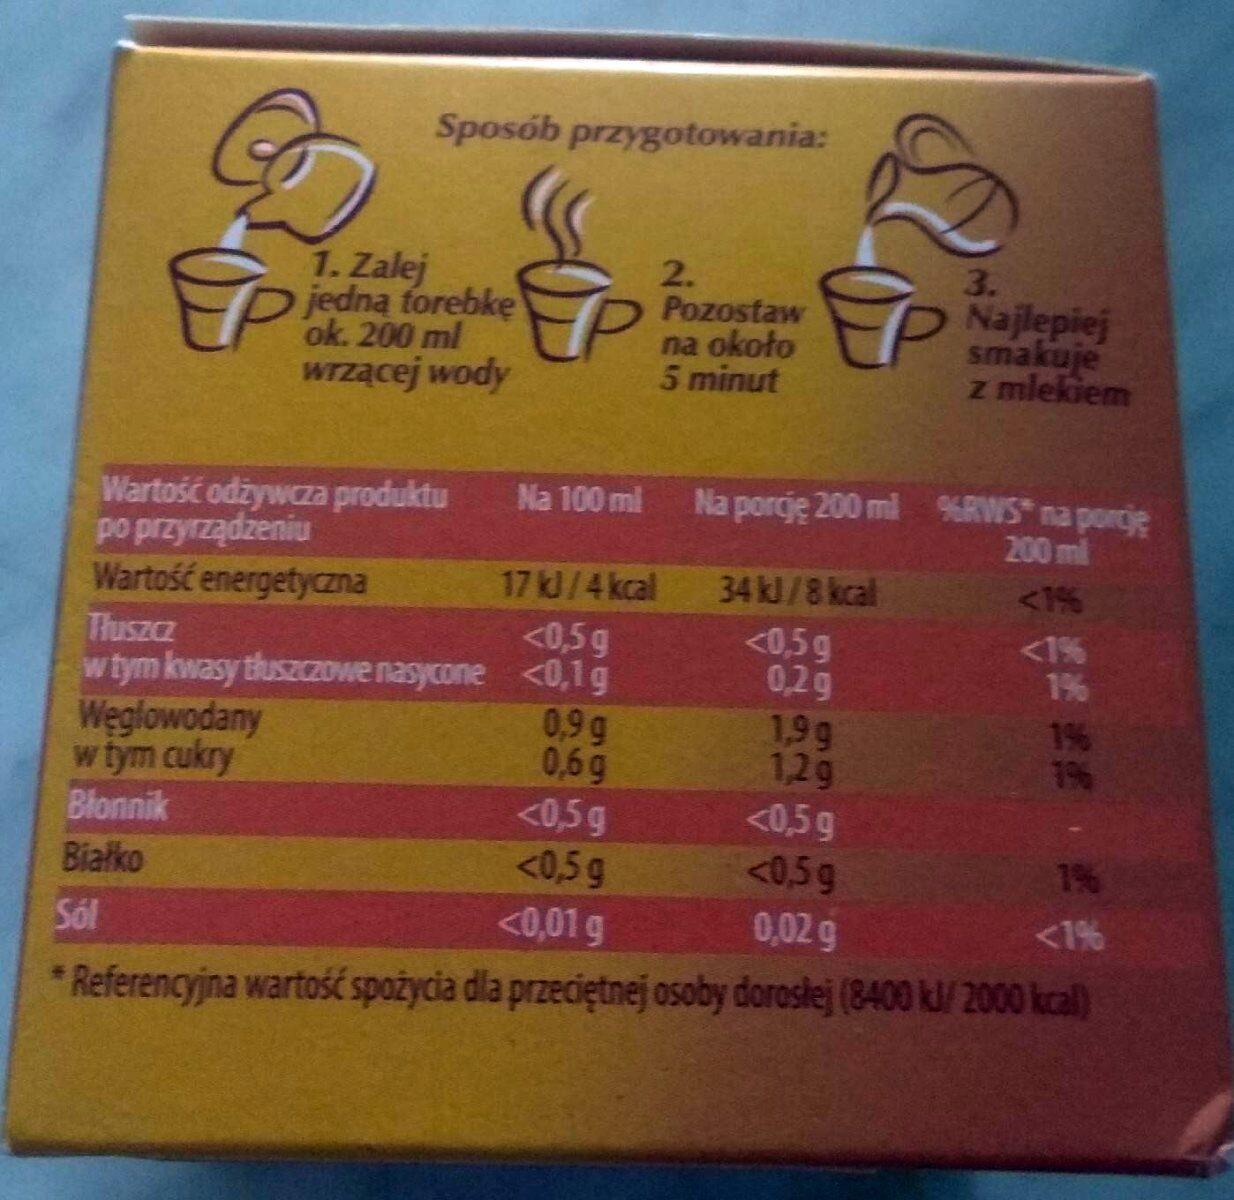 Kawa zbożowa klasyczna w torebkach - Wartości odżywcze - pl